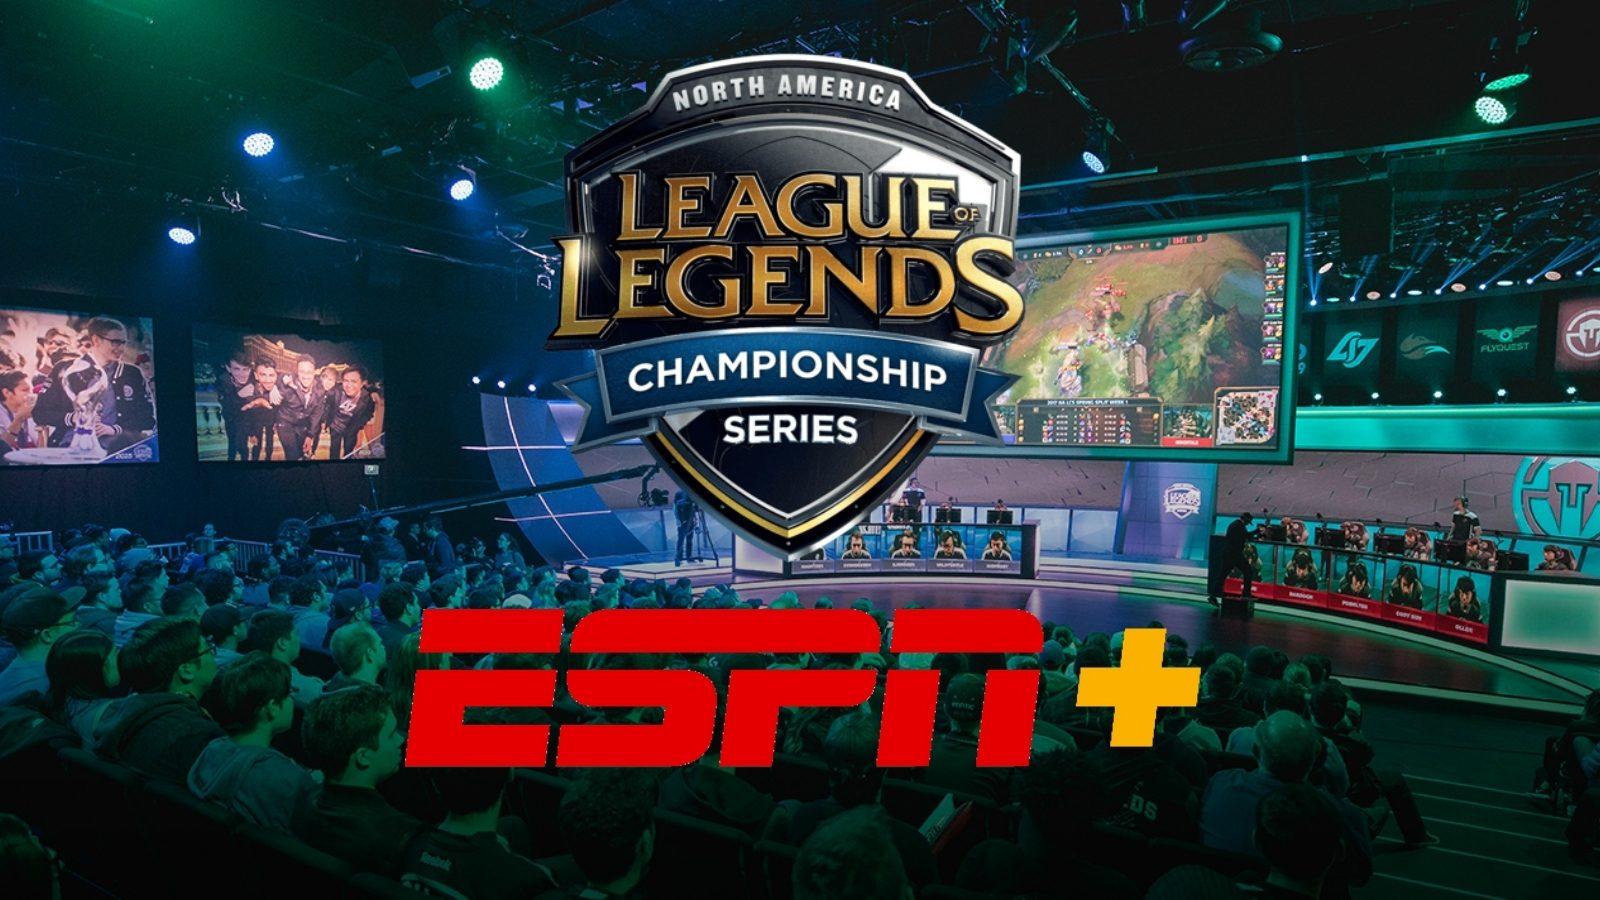 League of Legends เกมแนว MOBA ในตำนานอีกหนึ่งเกมที่ยังคงได้รับความนิยมอย่างต่อ